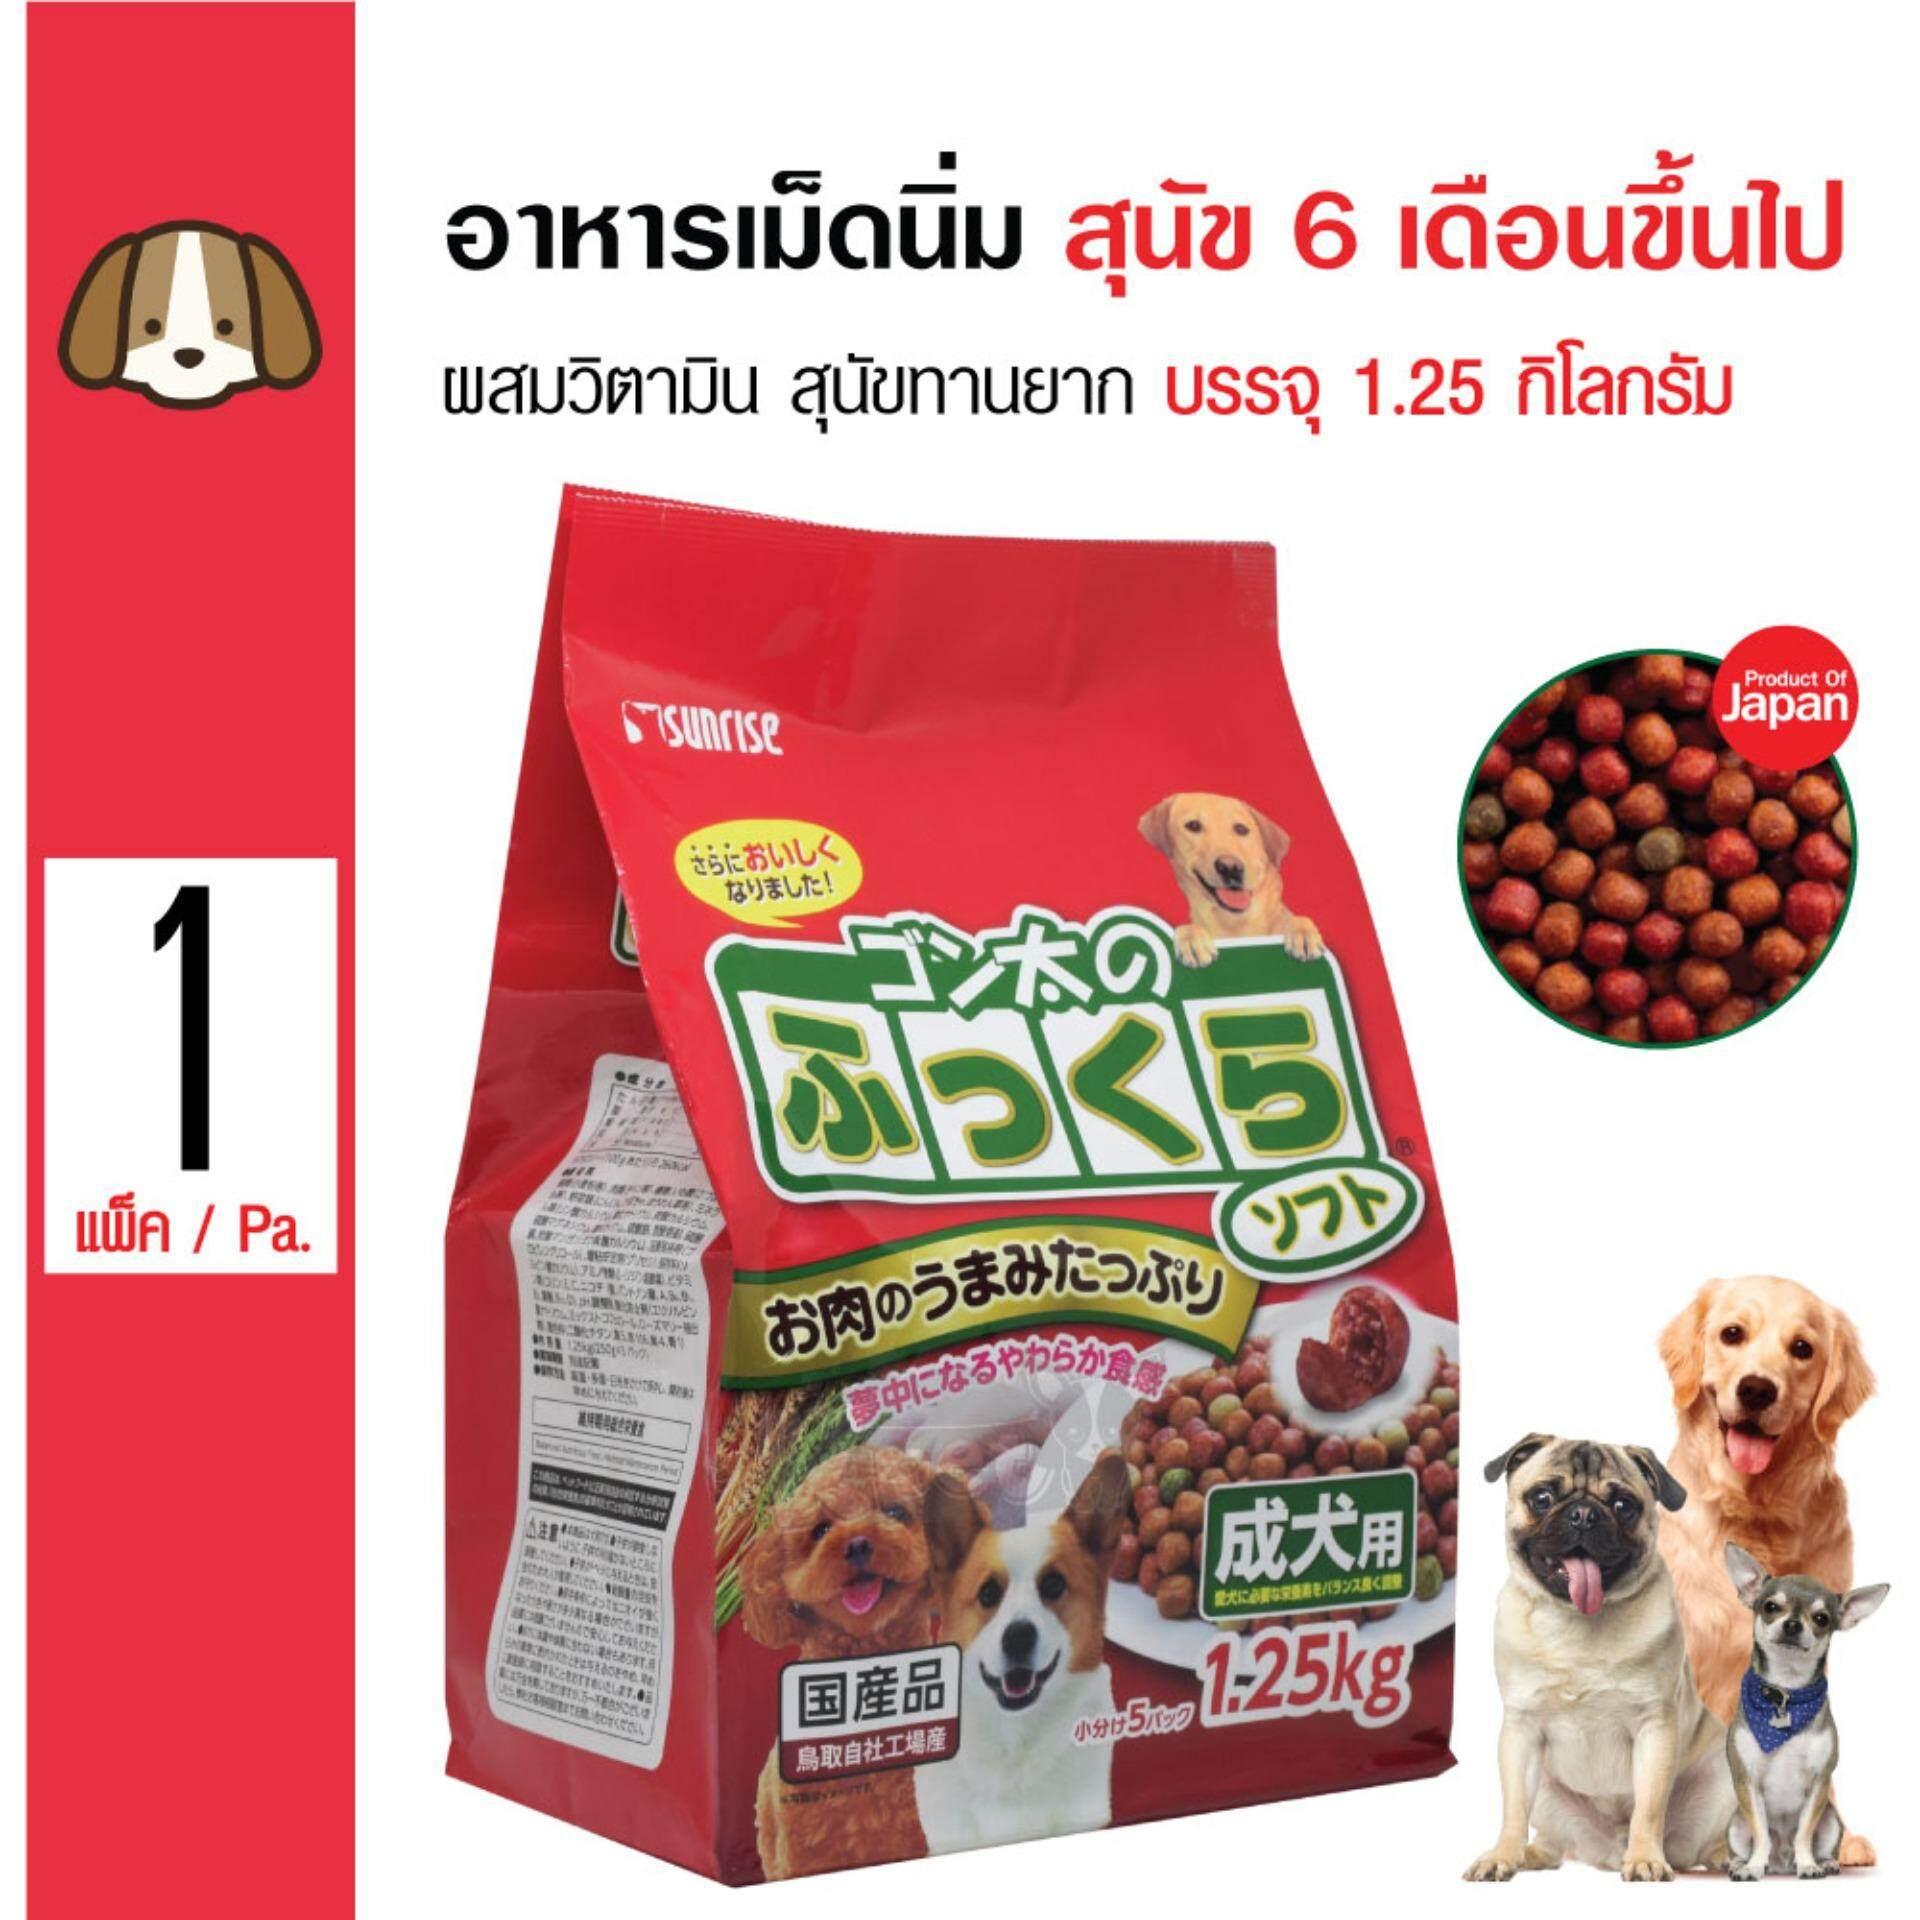 Sunrise Dog Food อาหารสุนัขเม็ดนิ่ม ผสมวิตามิน สุนัขทานยาก ปรับสมดุลและลดอาการภูมิแพ้ สำหรับสุนัข 6 เดือนขึ้นไป ขนาด 1.25 กิโลกรัม.